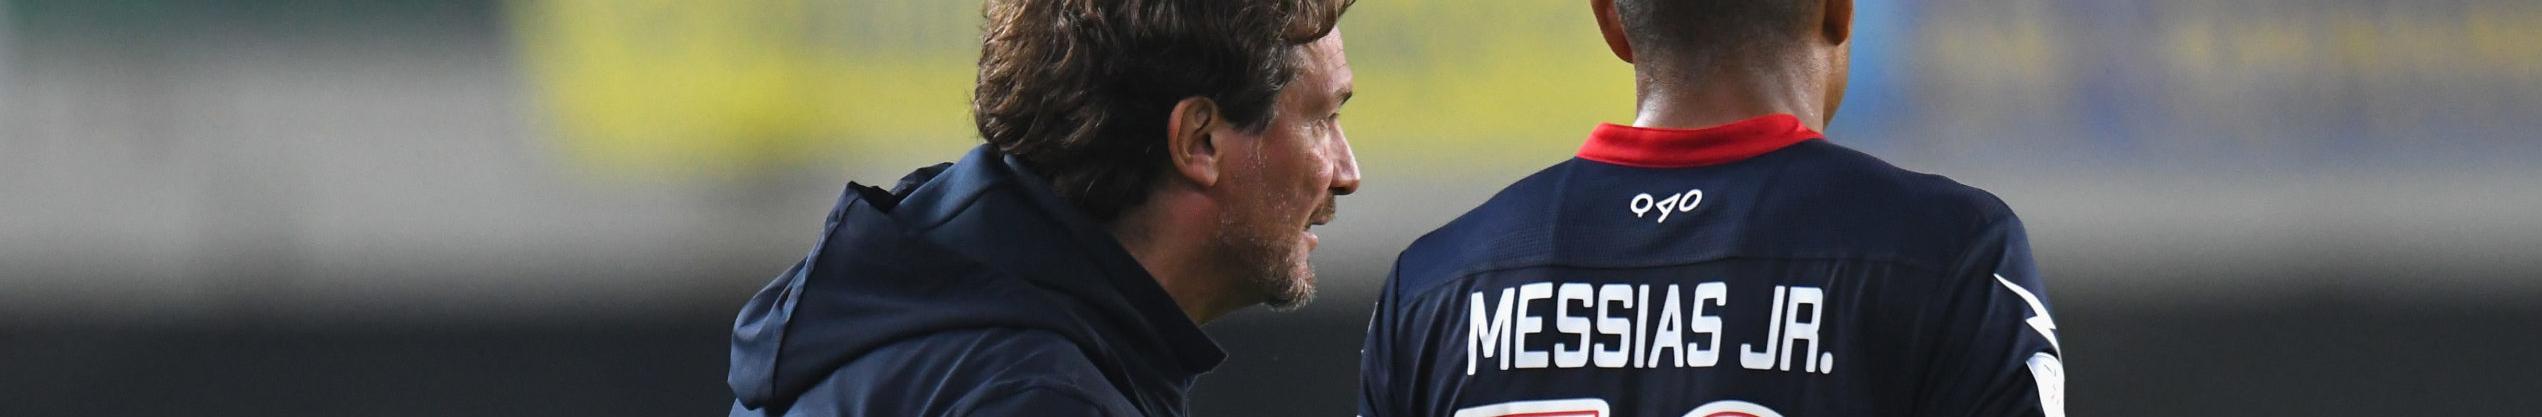 Cosenza-Crotone: derby calabrese tra due squadre dalle ambizioni opposte